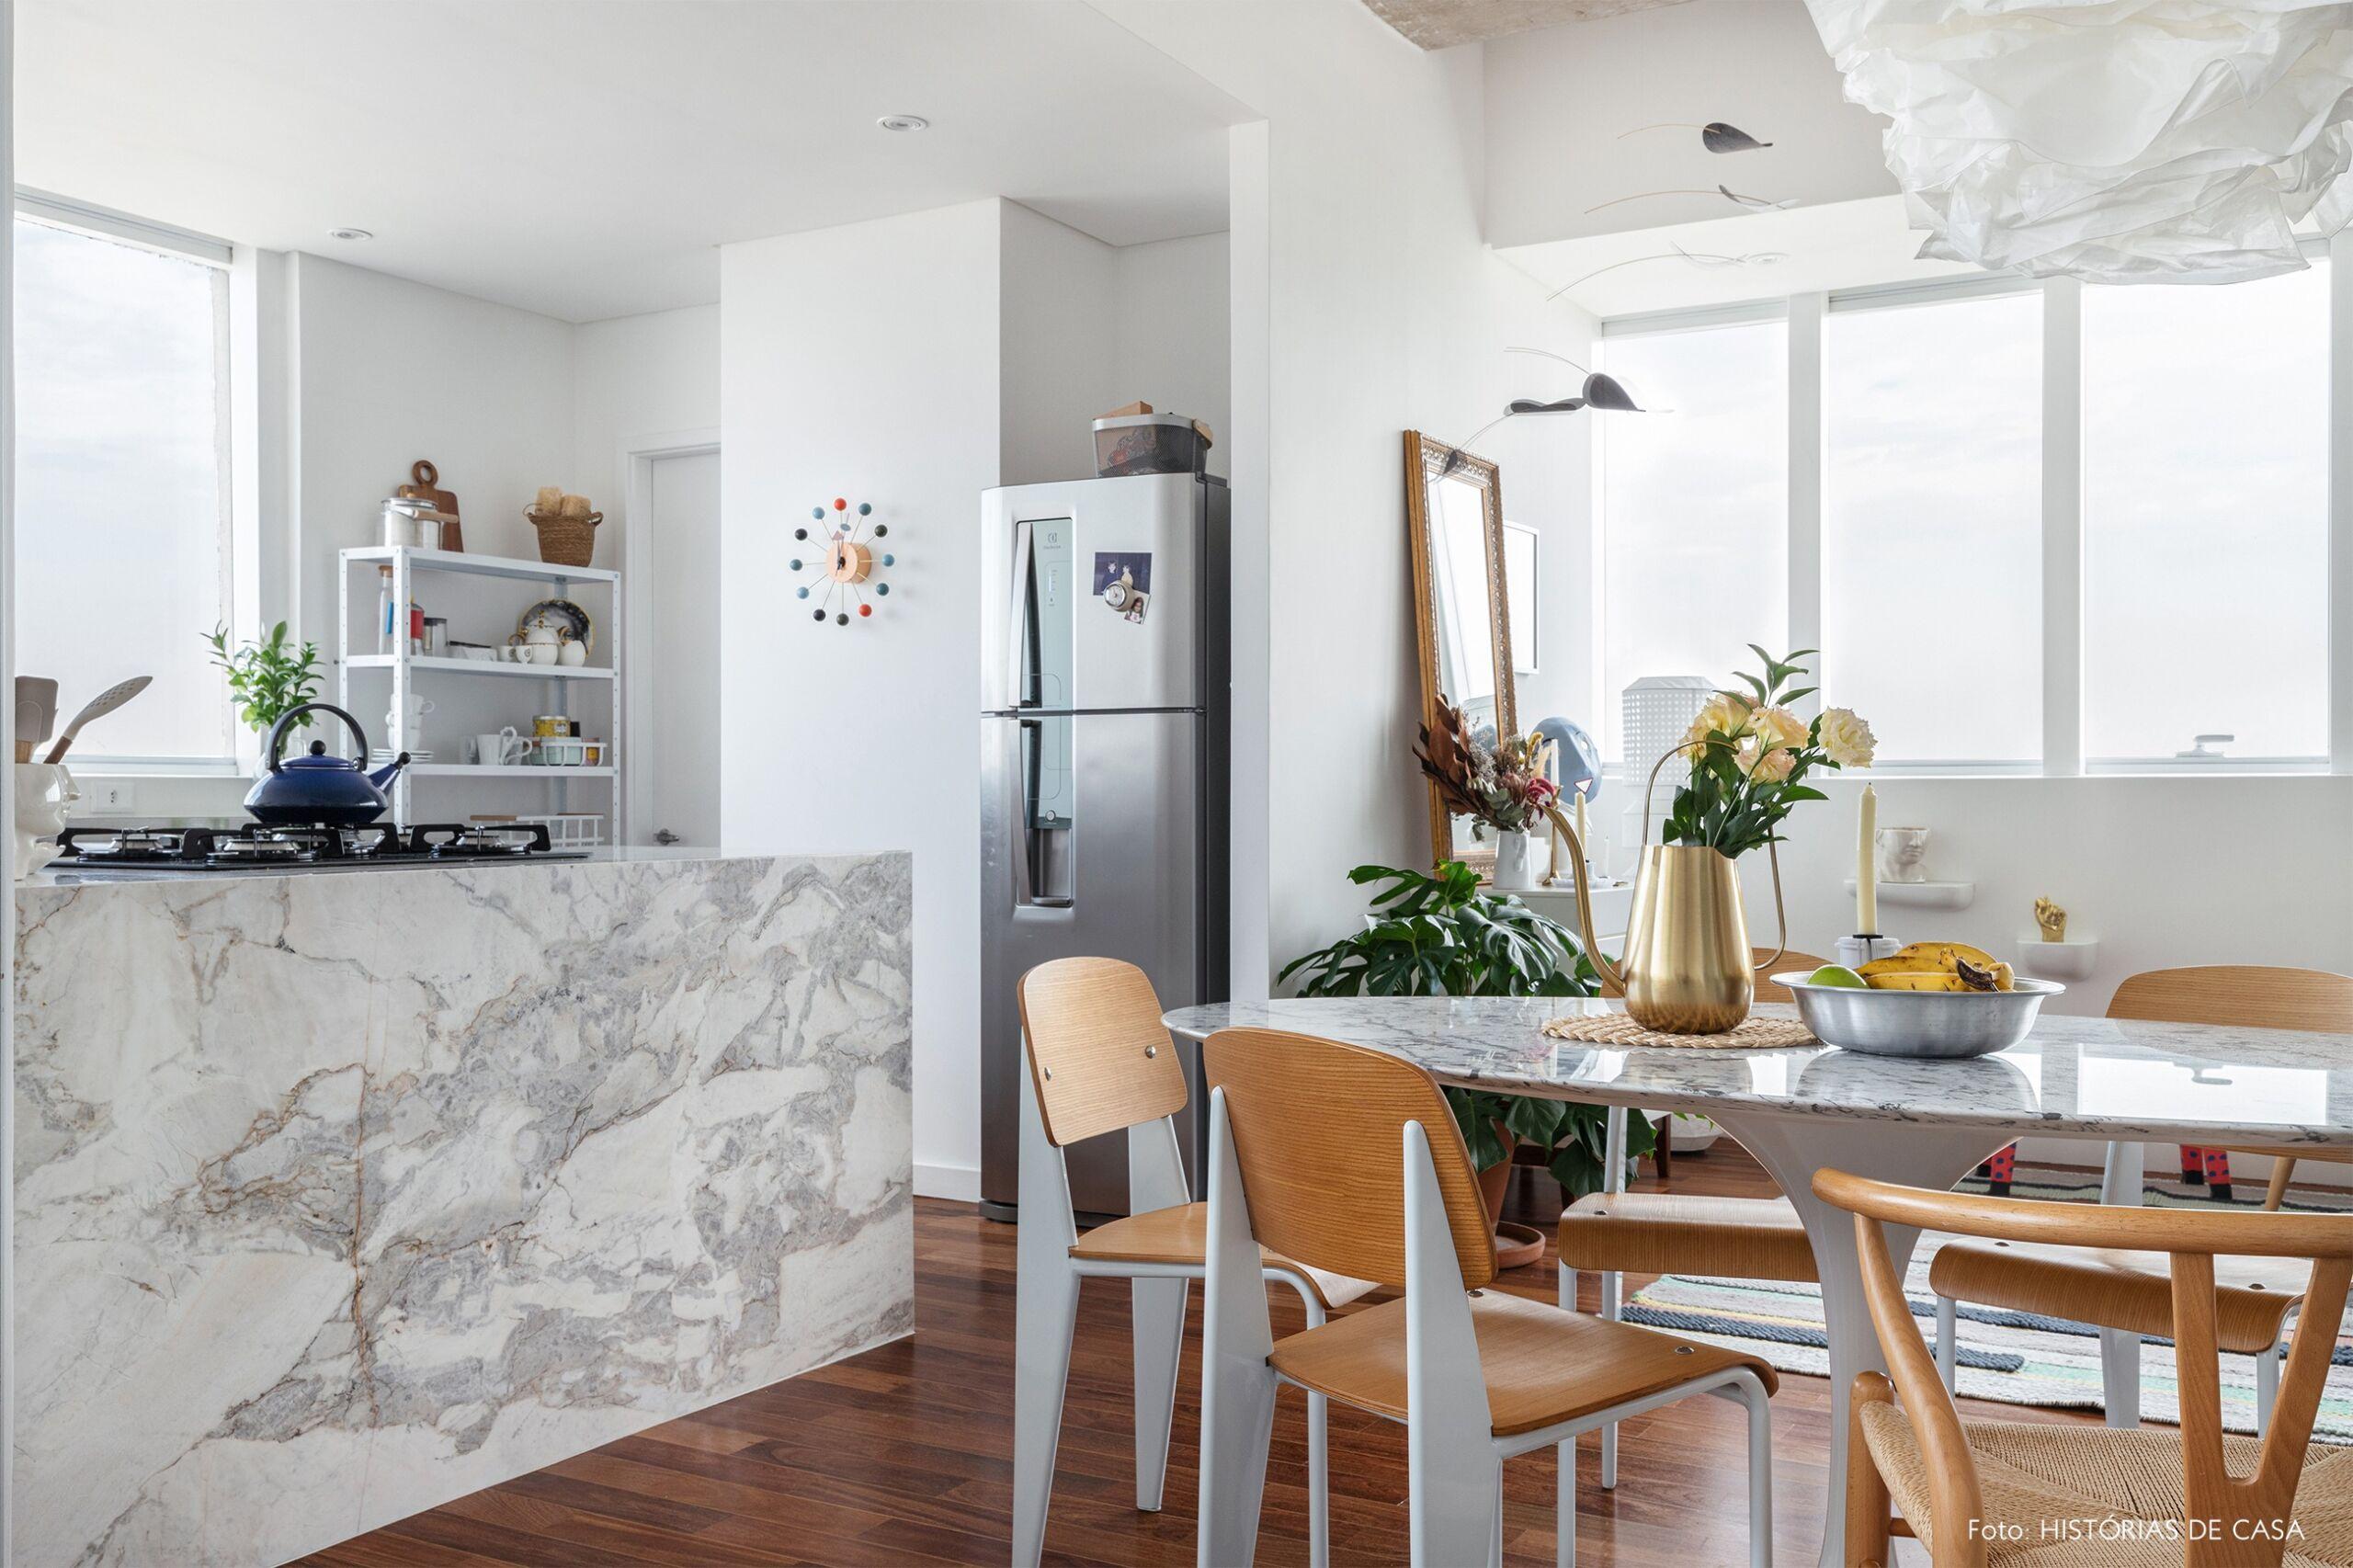 decoração sala jantar cozinha bancada marmore cadeira wishbone